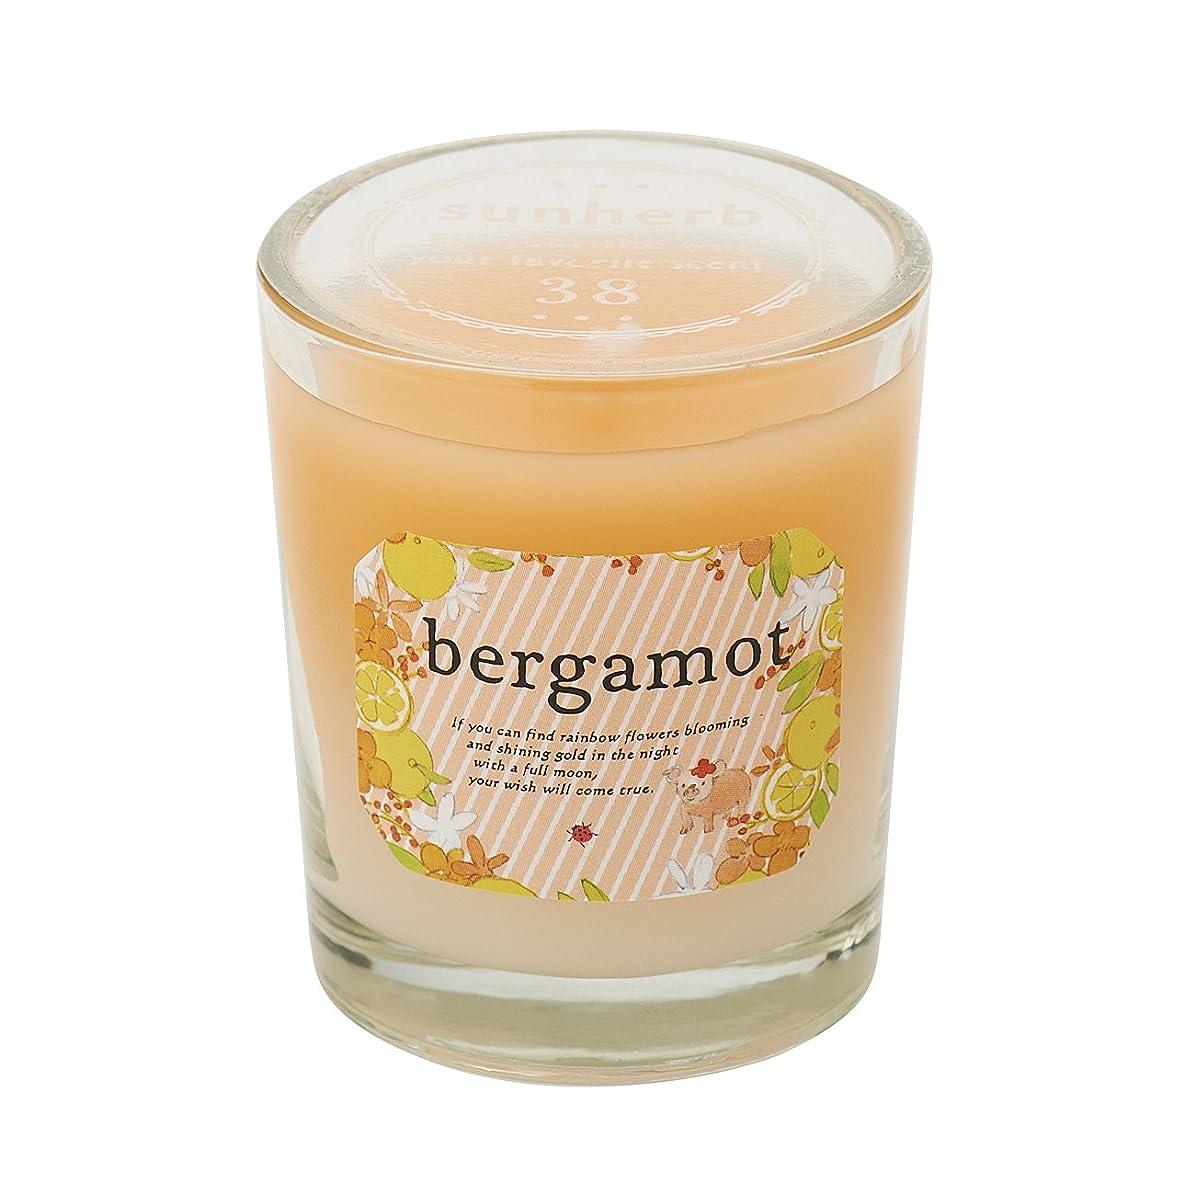 困惑おっとロータリーサンハーブ グラスキャンドル ベルガモット 35g(グラデーションろうそく 燃焼時間約10時間 懐かしい甘酸っぱい香り)